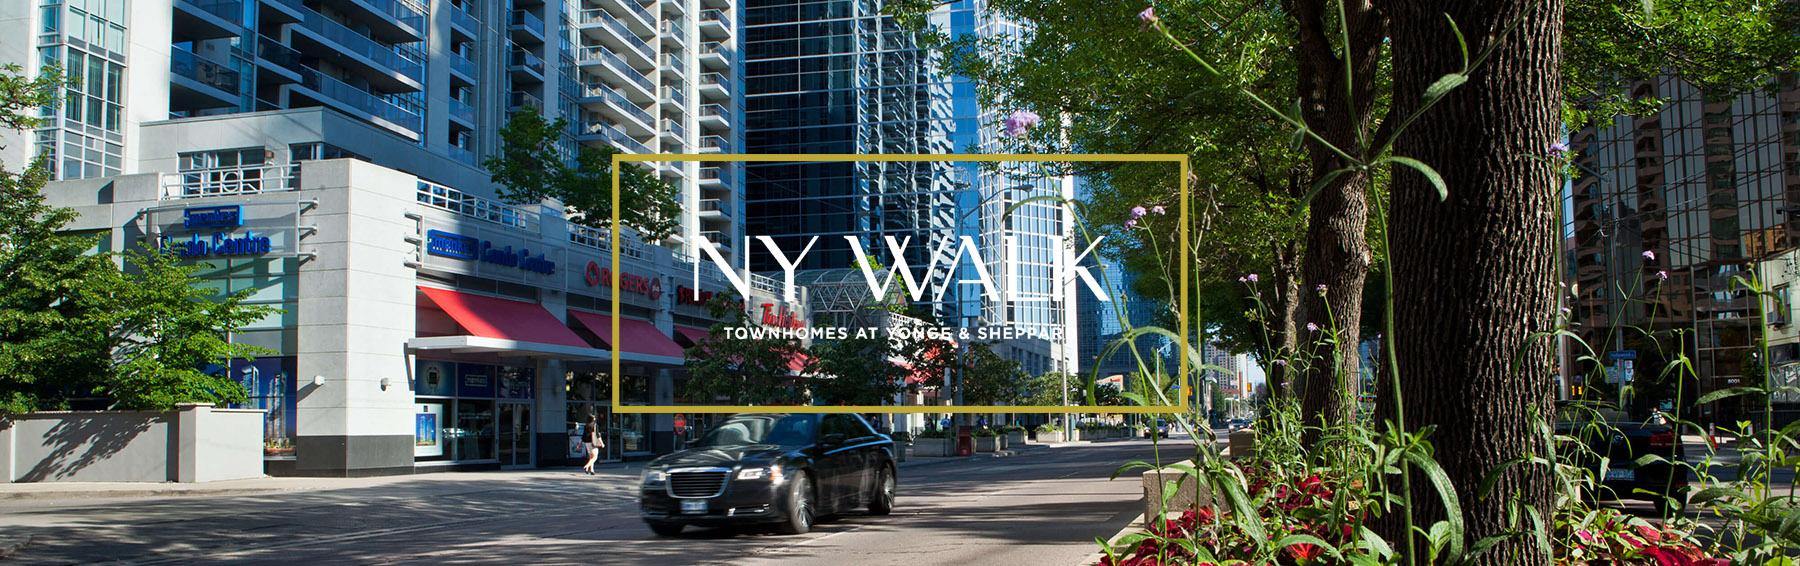 NY Walk